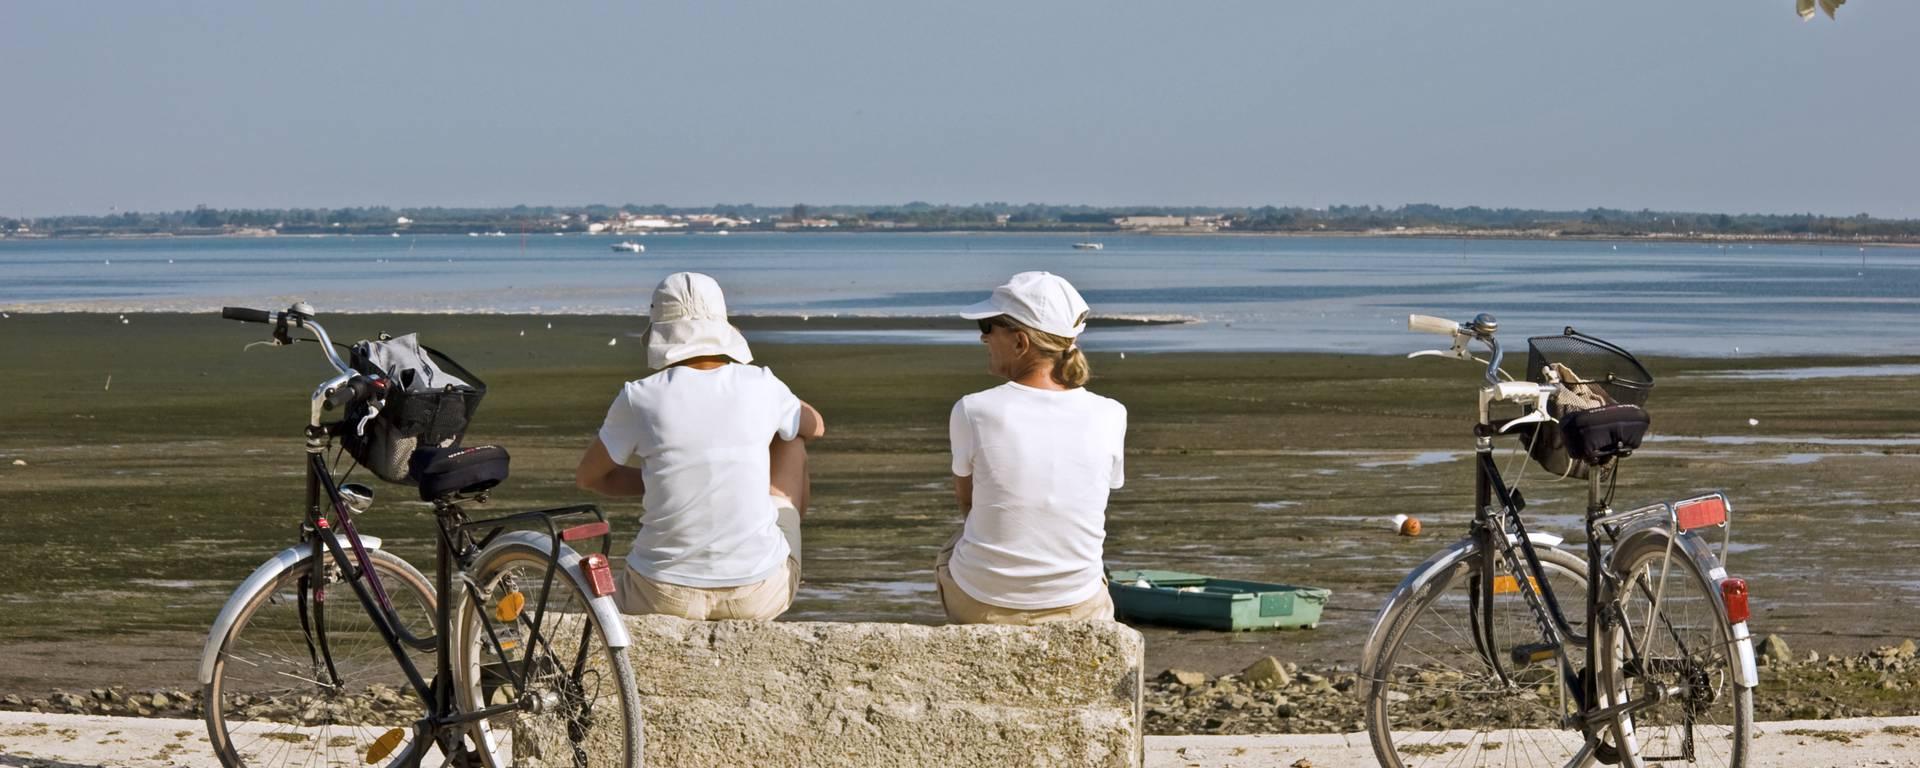 Pause le long du littoral